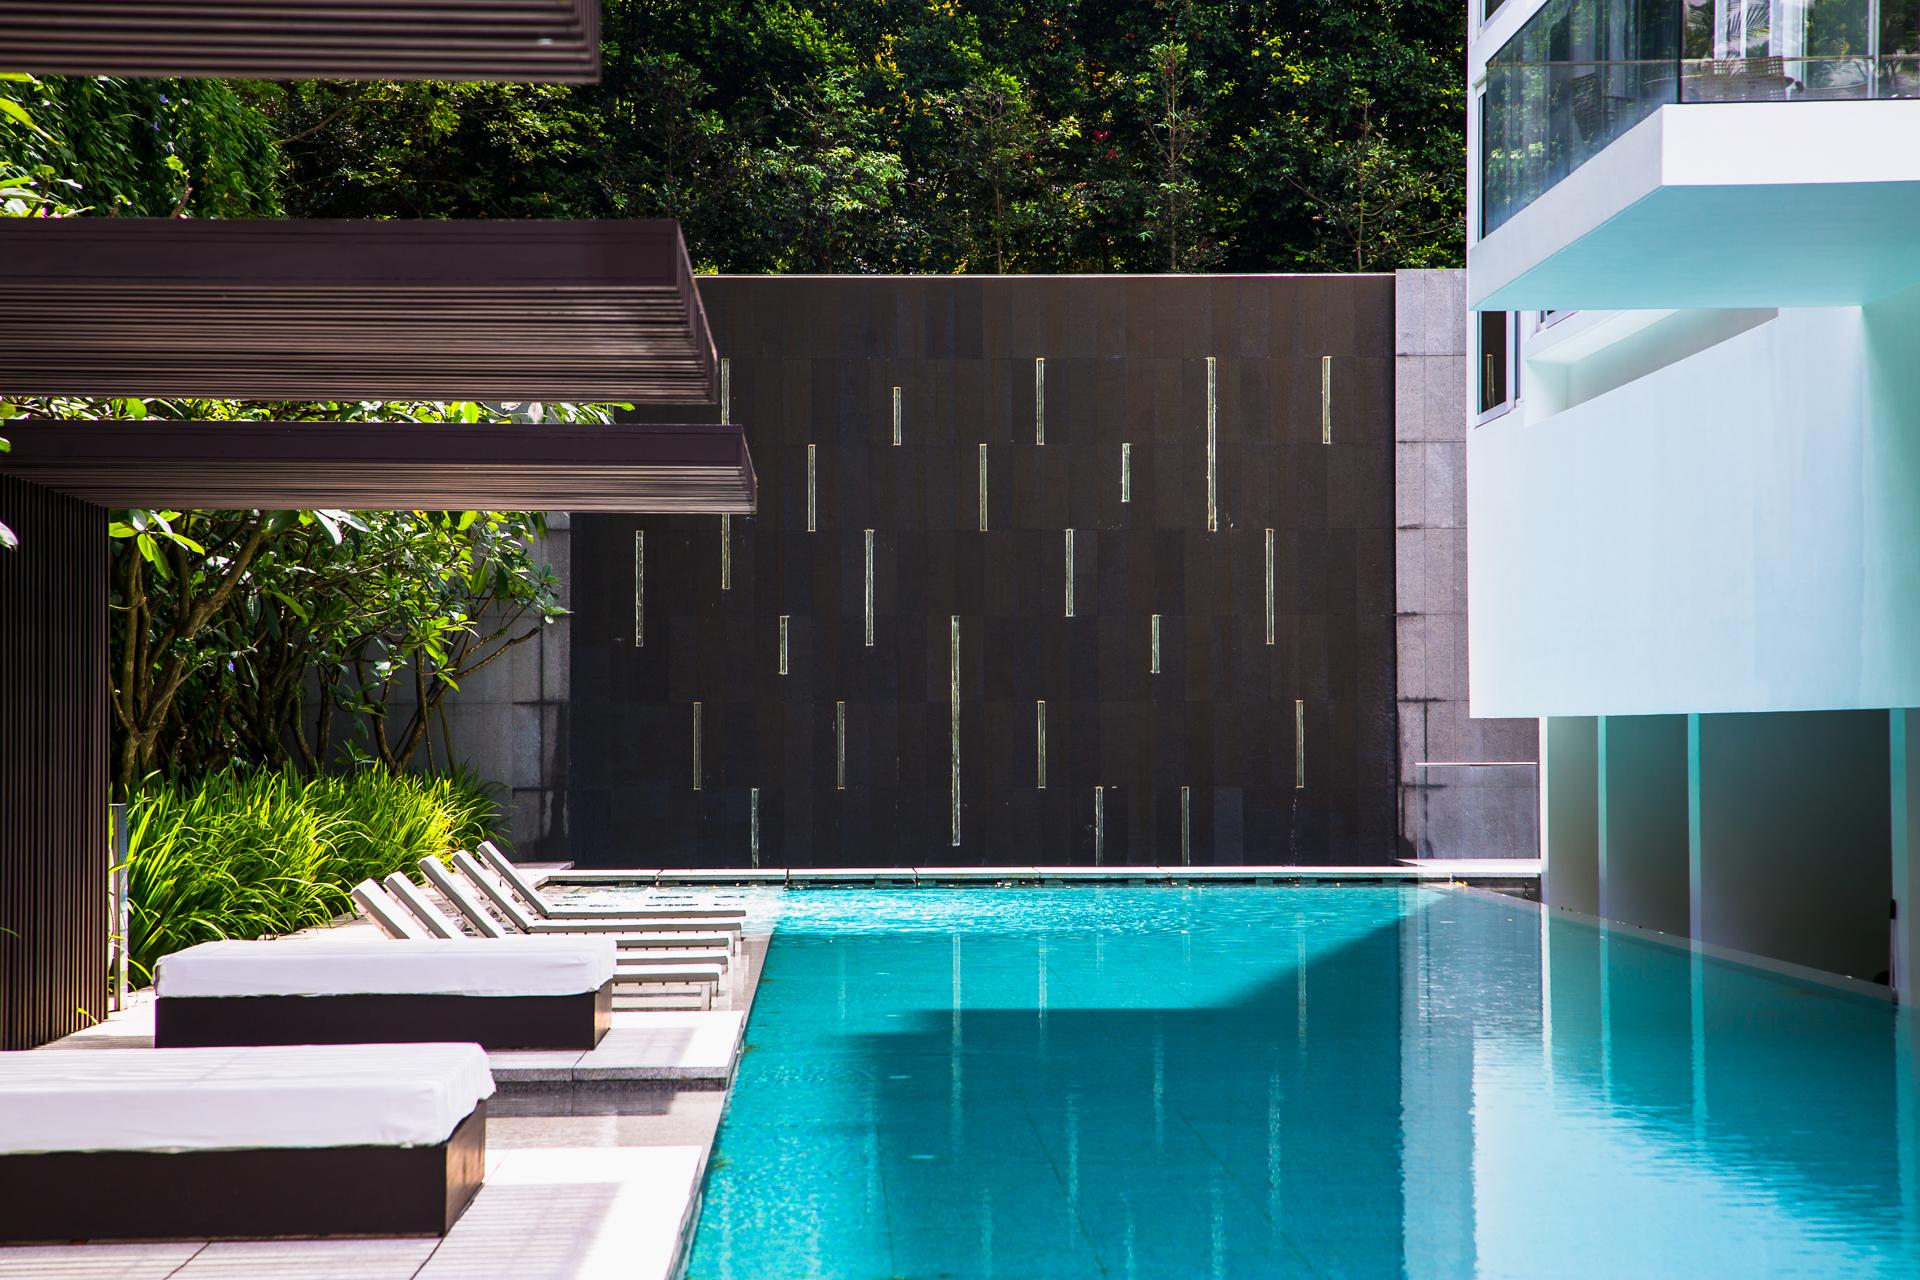 8 Napier, Singapore